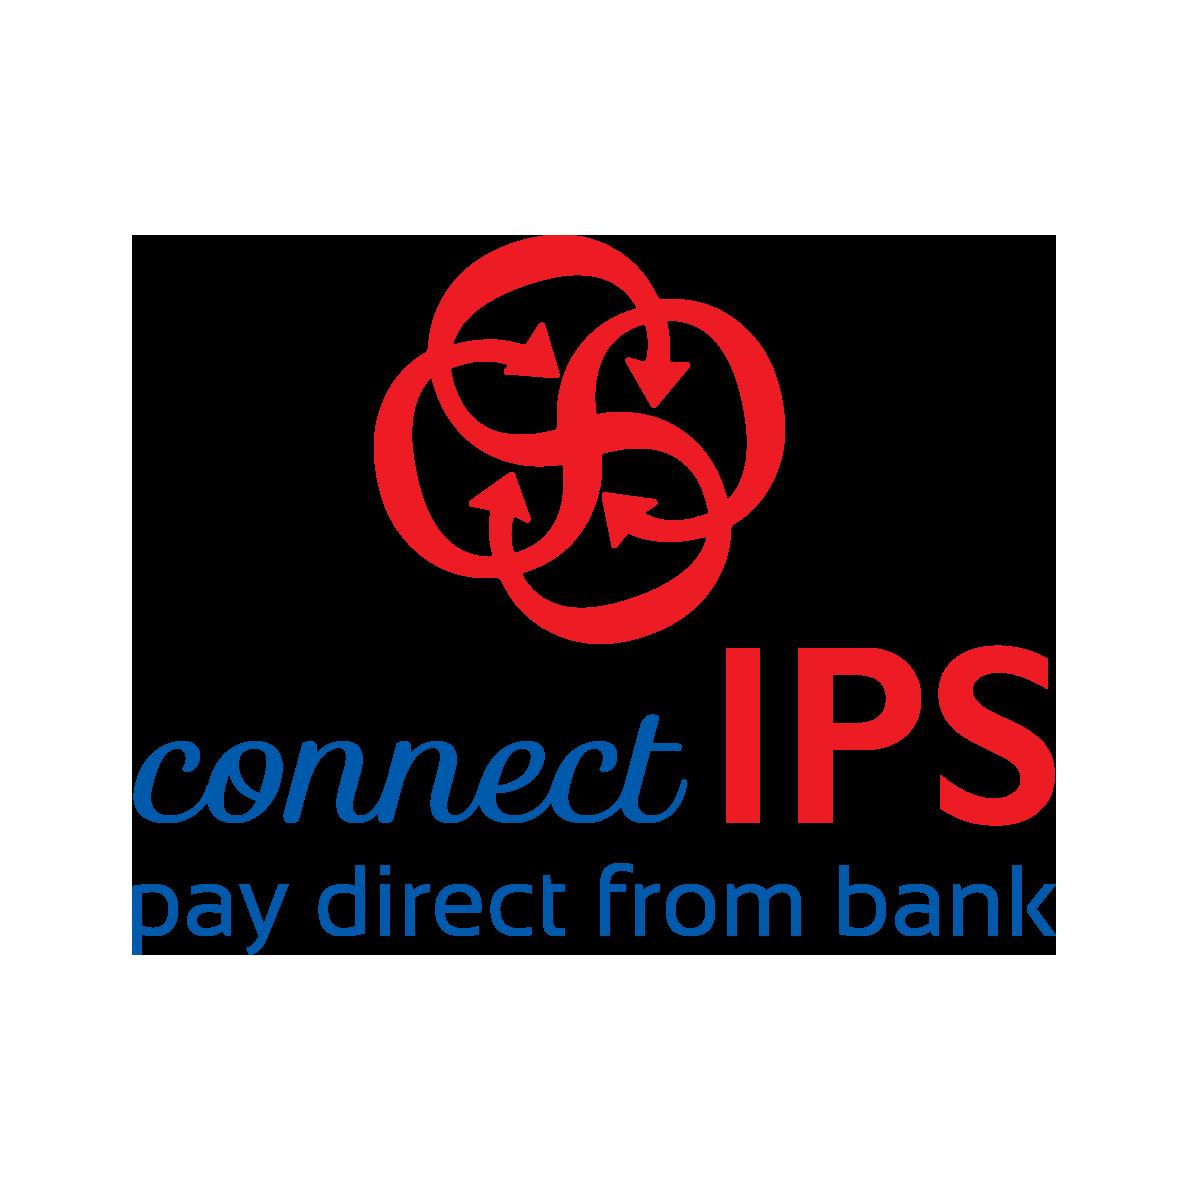 कनेक्ट आइपीएसमा थप बैंकका खाता अनलाईन भेरीफाई गर्न सकिने